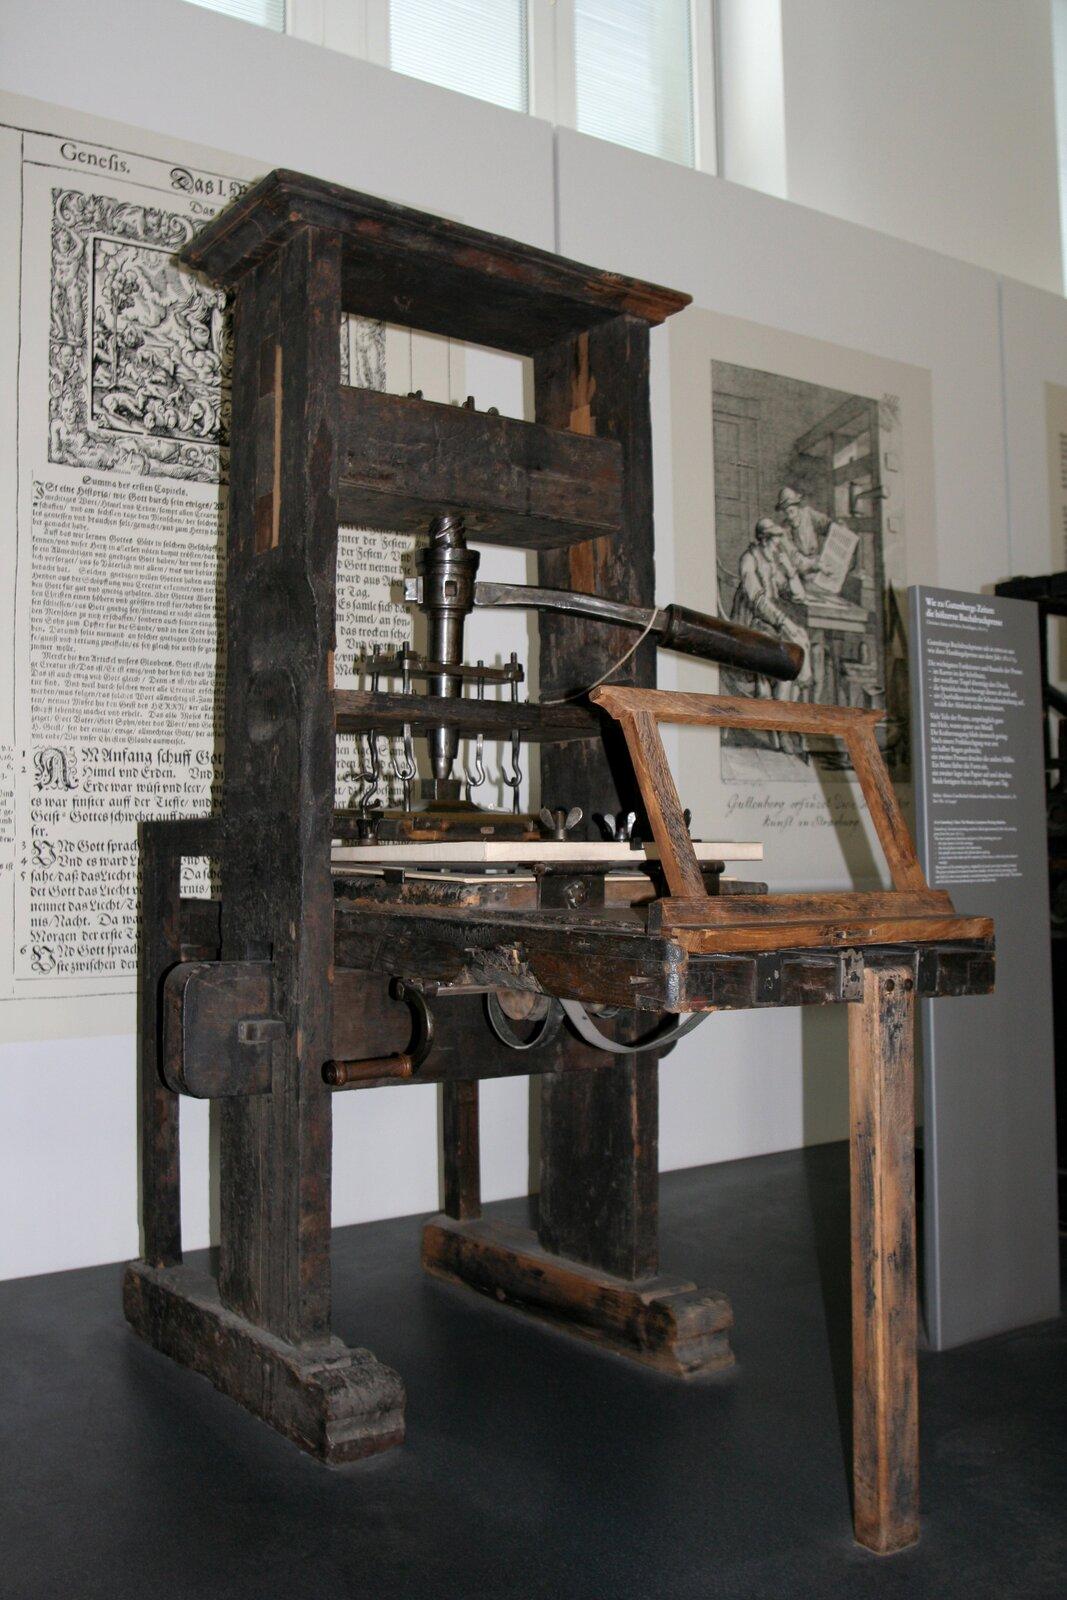 na zdjeciu przedstawiona jest maszyna drukarska